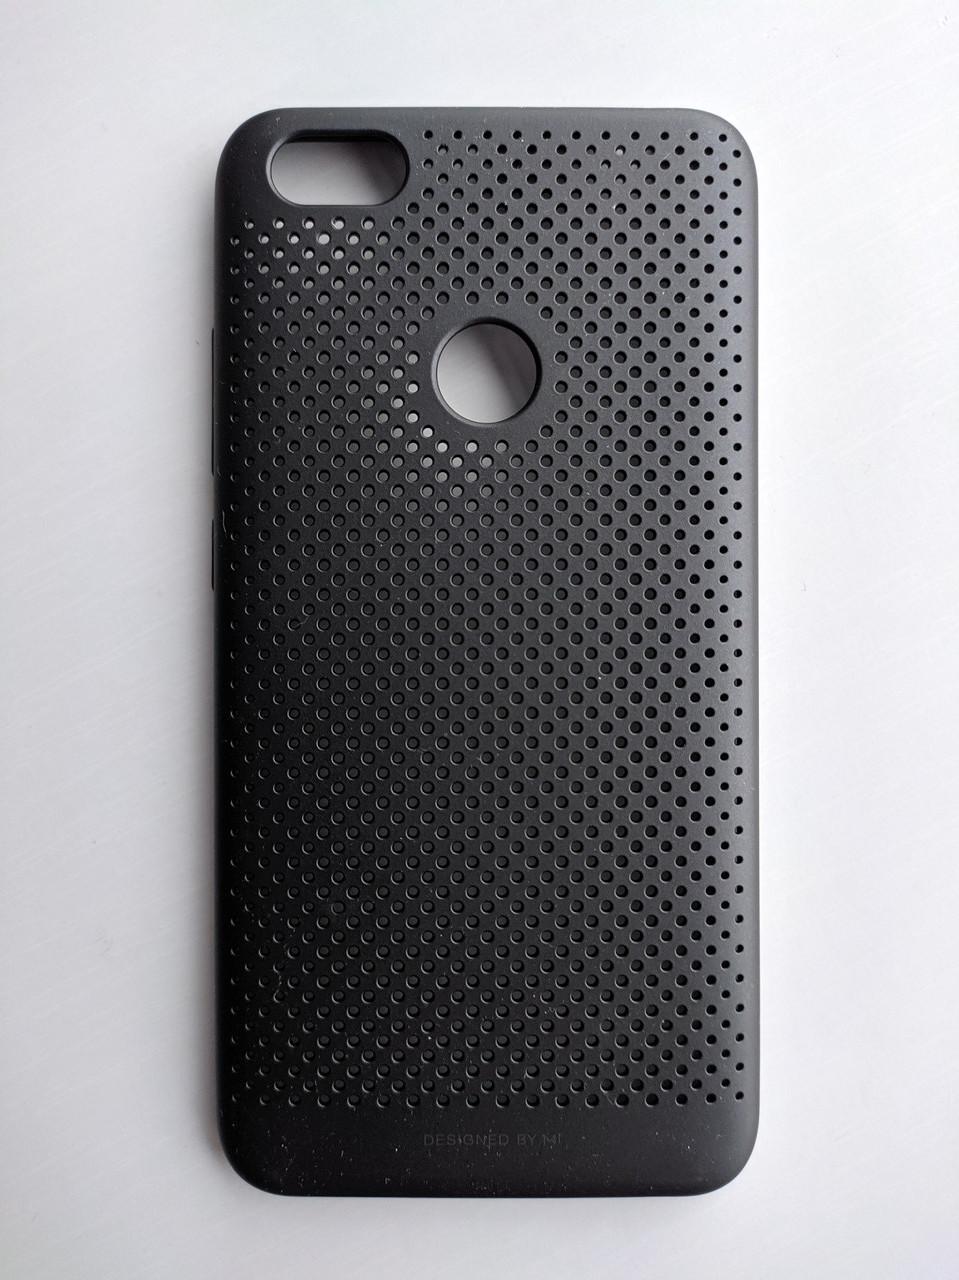 Оригинальны чехол для Xiaomi Redmi Note 5a Pro черный матовый перфорированный ATF4830TY